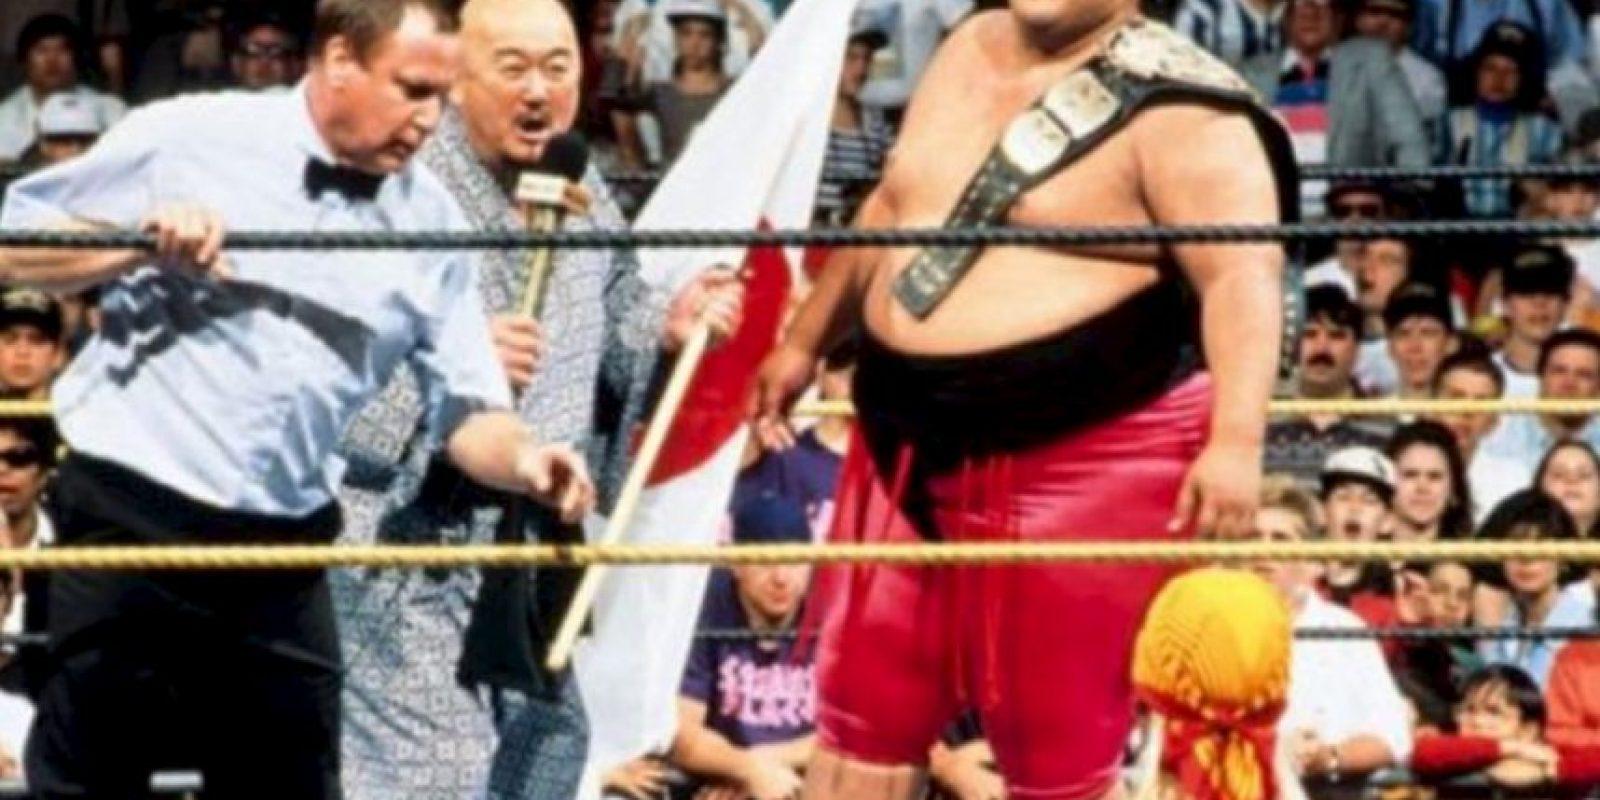 6. Yokozuna. Ganó y perdió el título en Wrestlemania IX en 1993 Foto:WWE